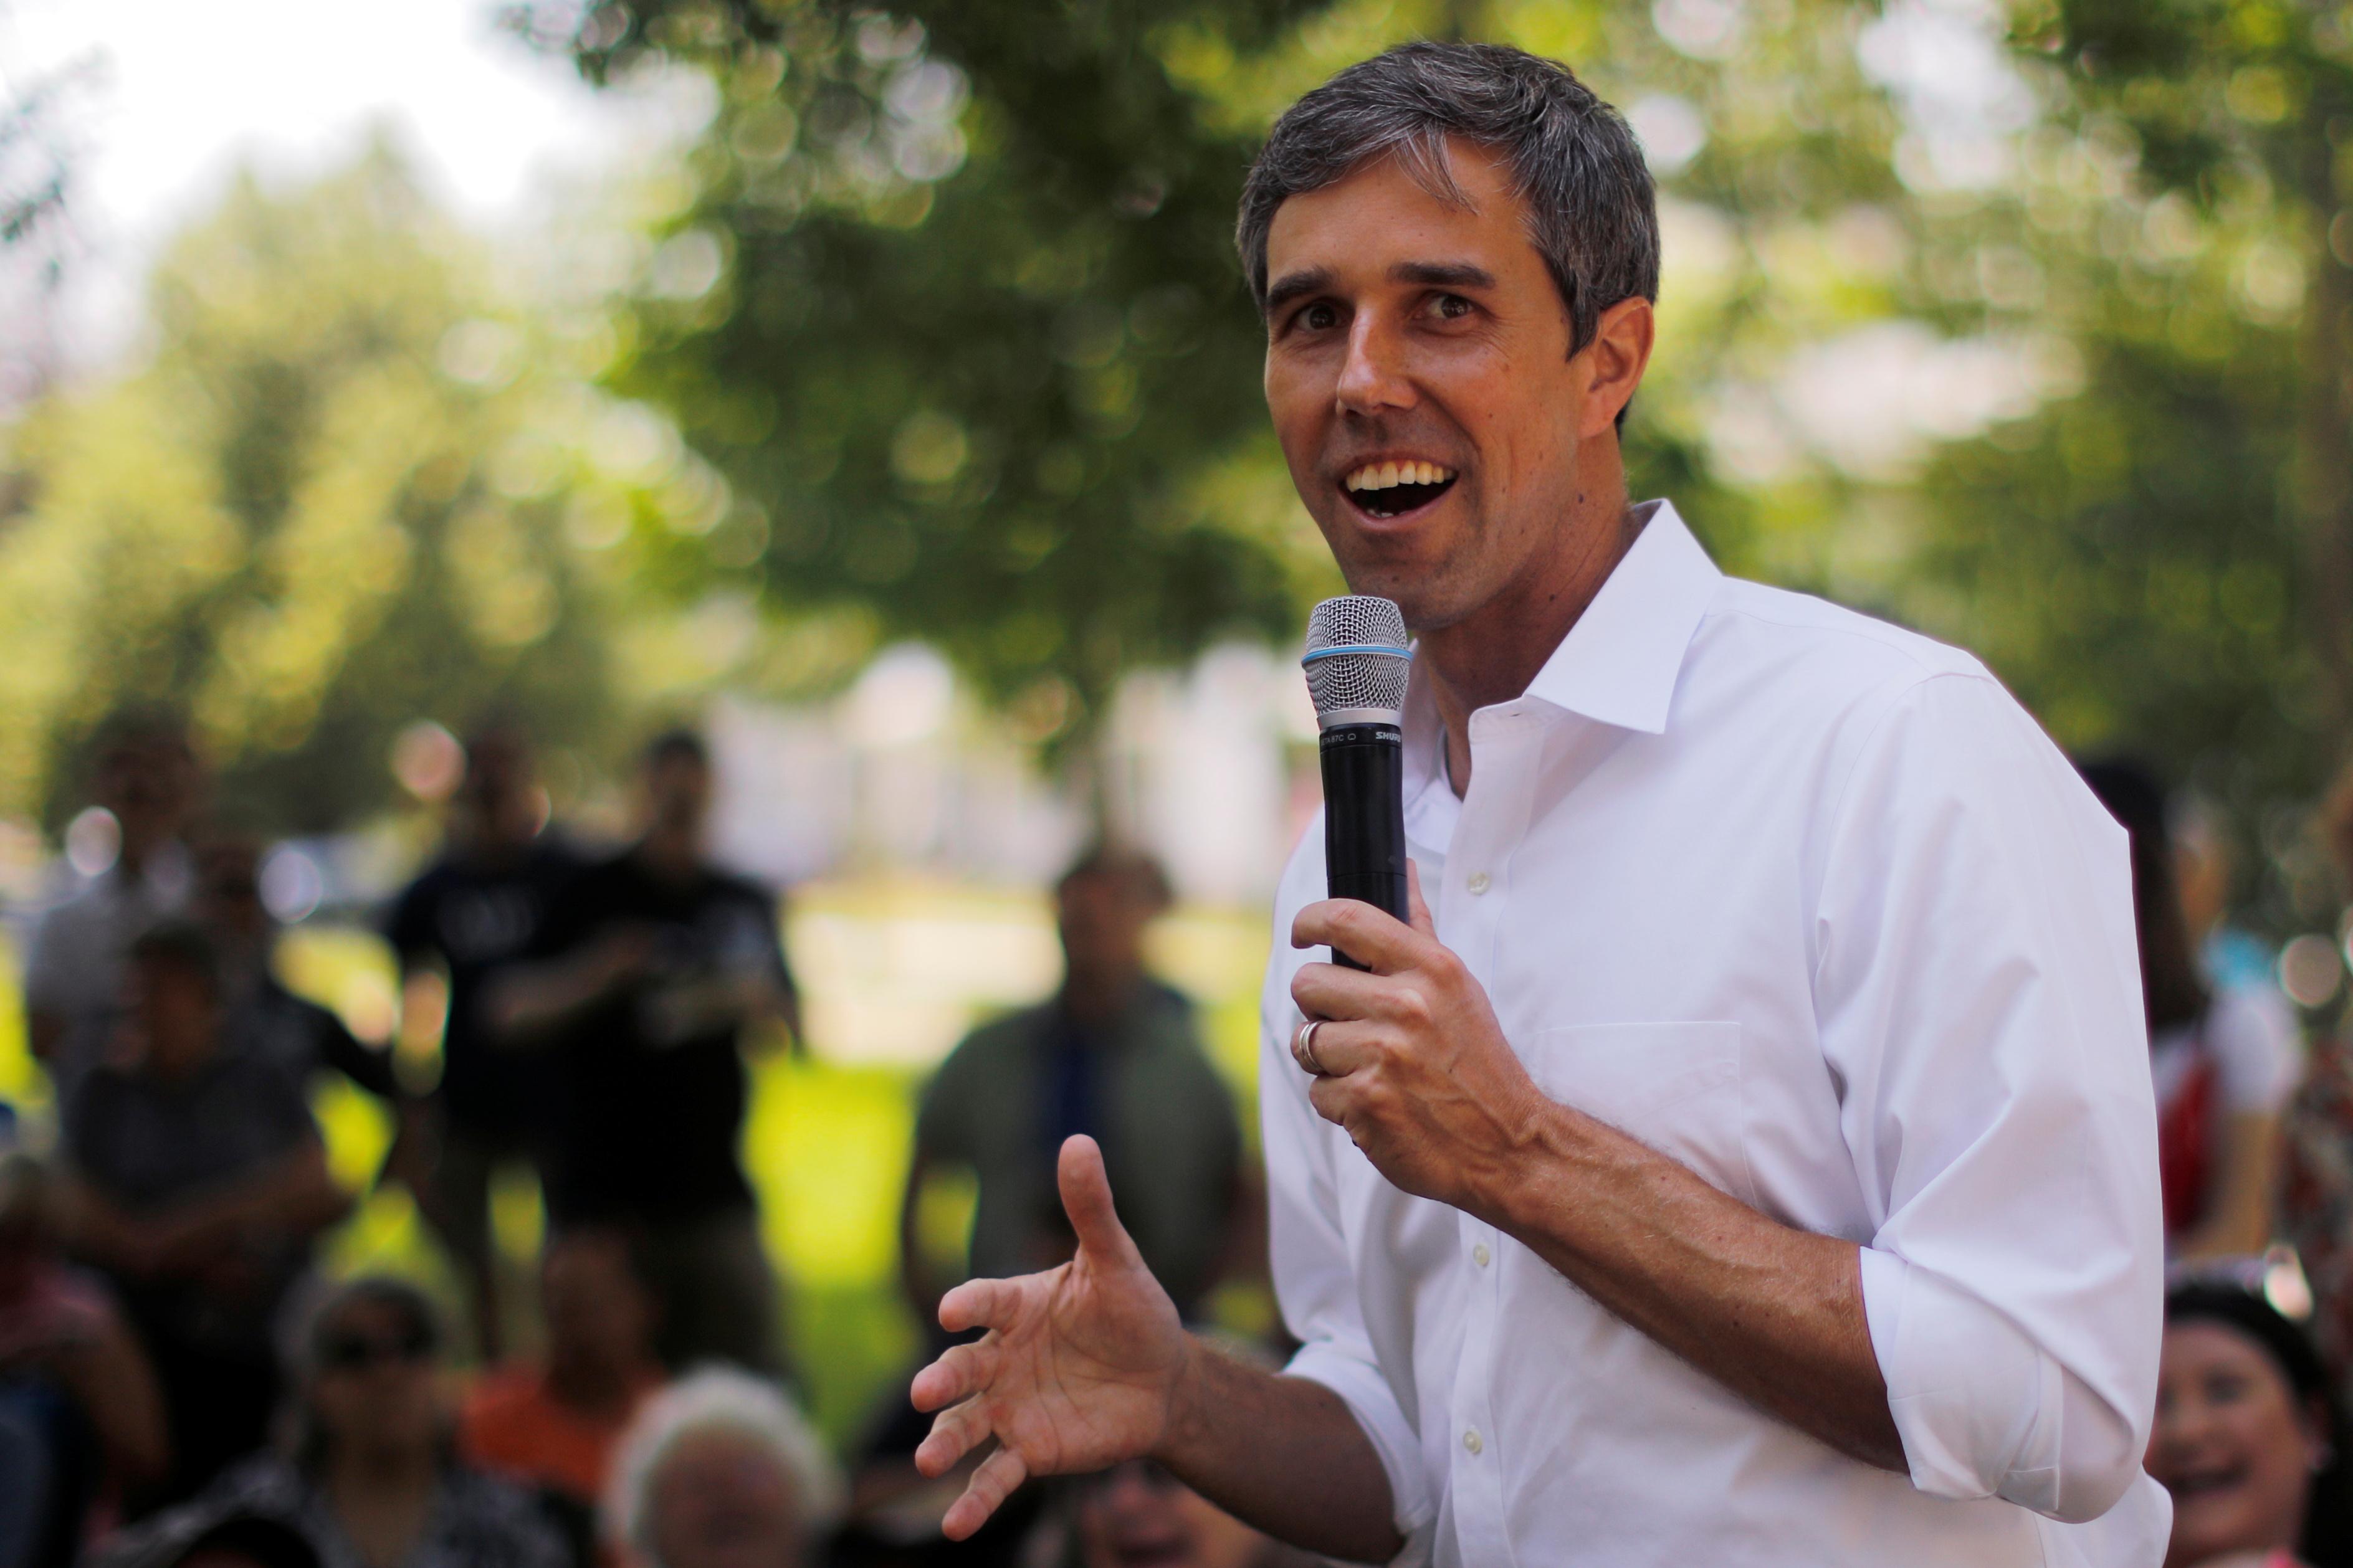 Democrat Beto O'Rourke trails Democratic rivals in cash contest